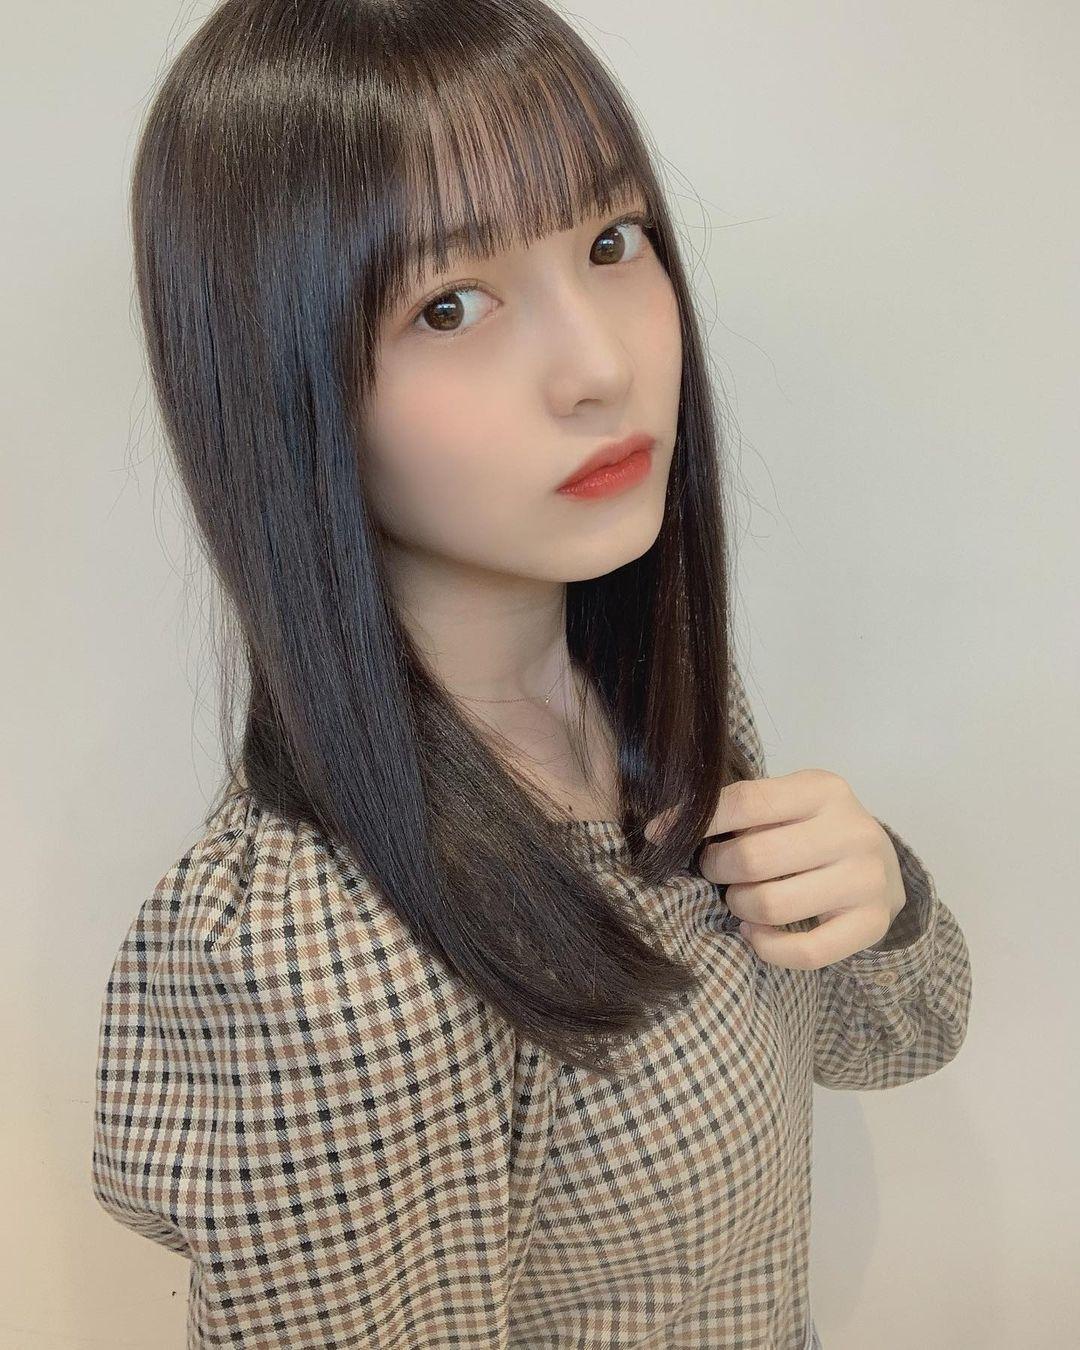 无辜眼神惹人宠爱.17 岁东京女孩「黑嵜菜菜子」青涩 网络美女 第3张